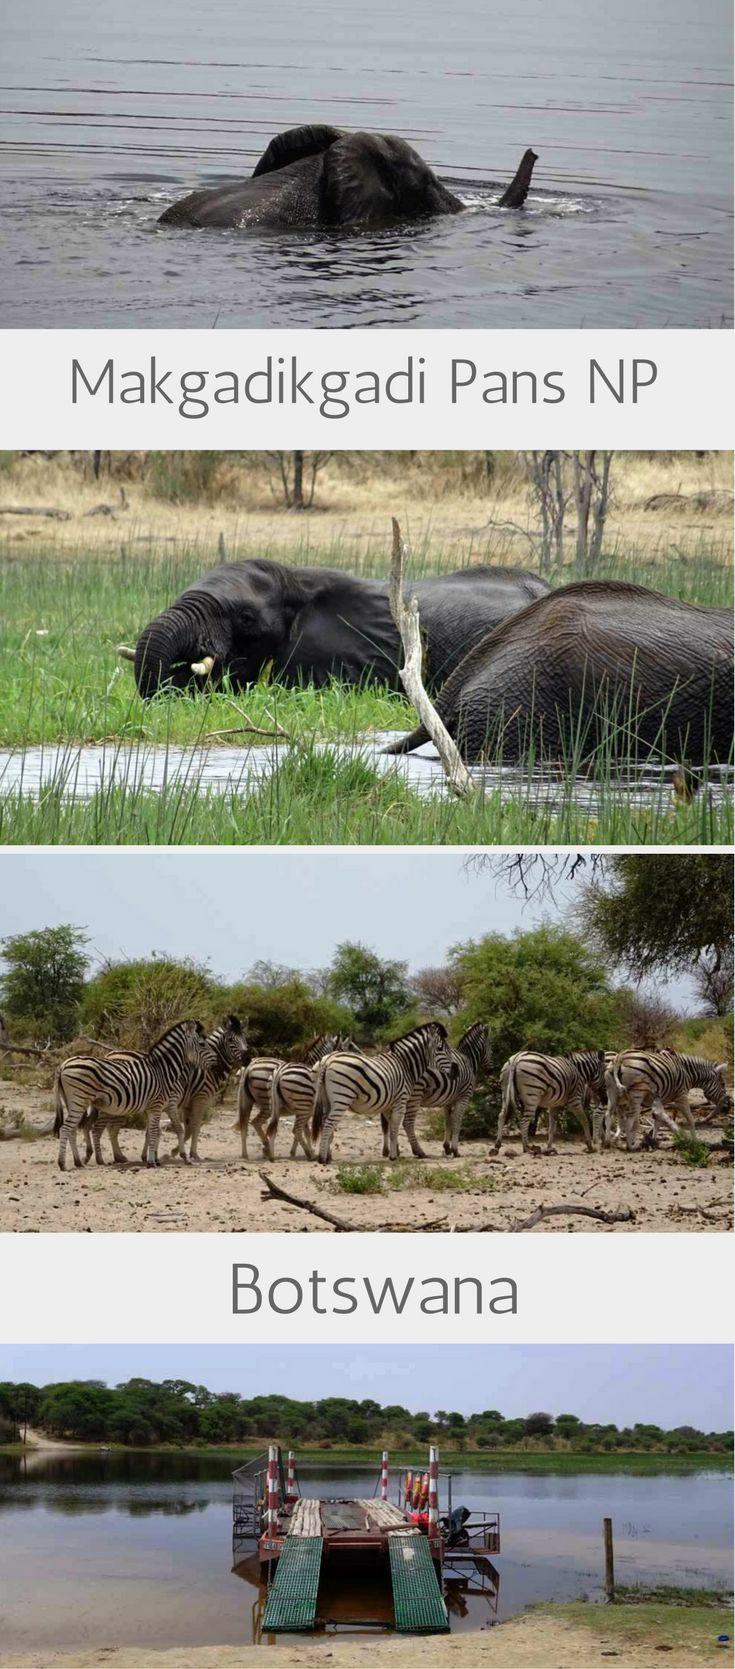 Schwimmende Elefanten beobachten in Botswana: Unser Geheimtipp der Boteti River beim Makgadikgadi Pans Nationalpark. Dort kannst du mit deinem Allrad-Mietwagen selbst auf Safari gehen. Floßfähren Abenteuer inklusive! Übernachten kannst du in Khumaga #botswana #Makgadikgadipans #nationalpark #elefanten #botetiriver #botswanawildlife #tiere #zebras #khumaga #safari #selbstfahrersafari #reiseblog #afrika #afrikareise #travelinspired #reiseinspiration